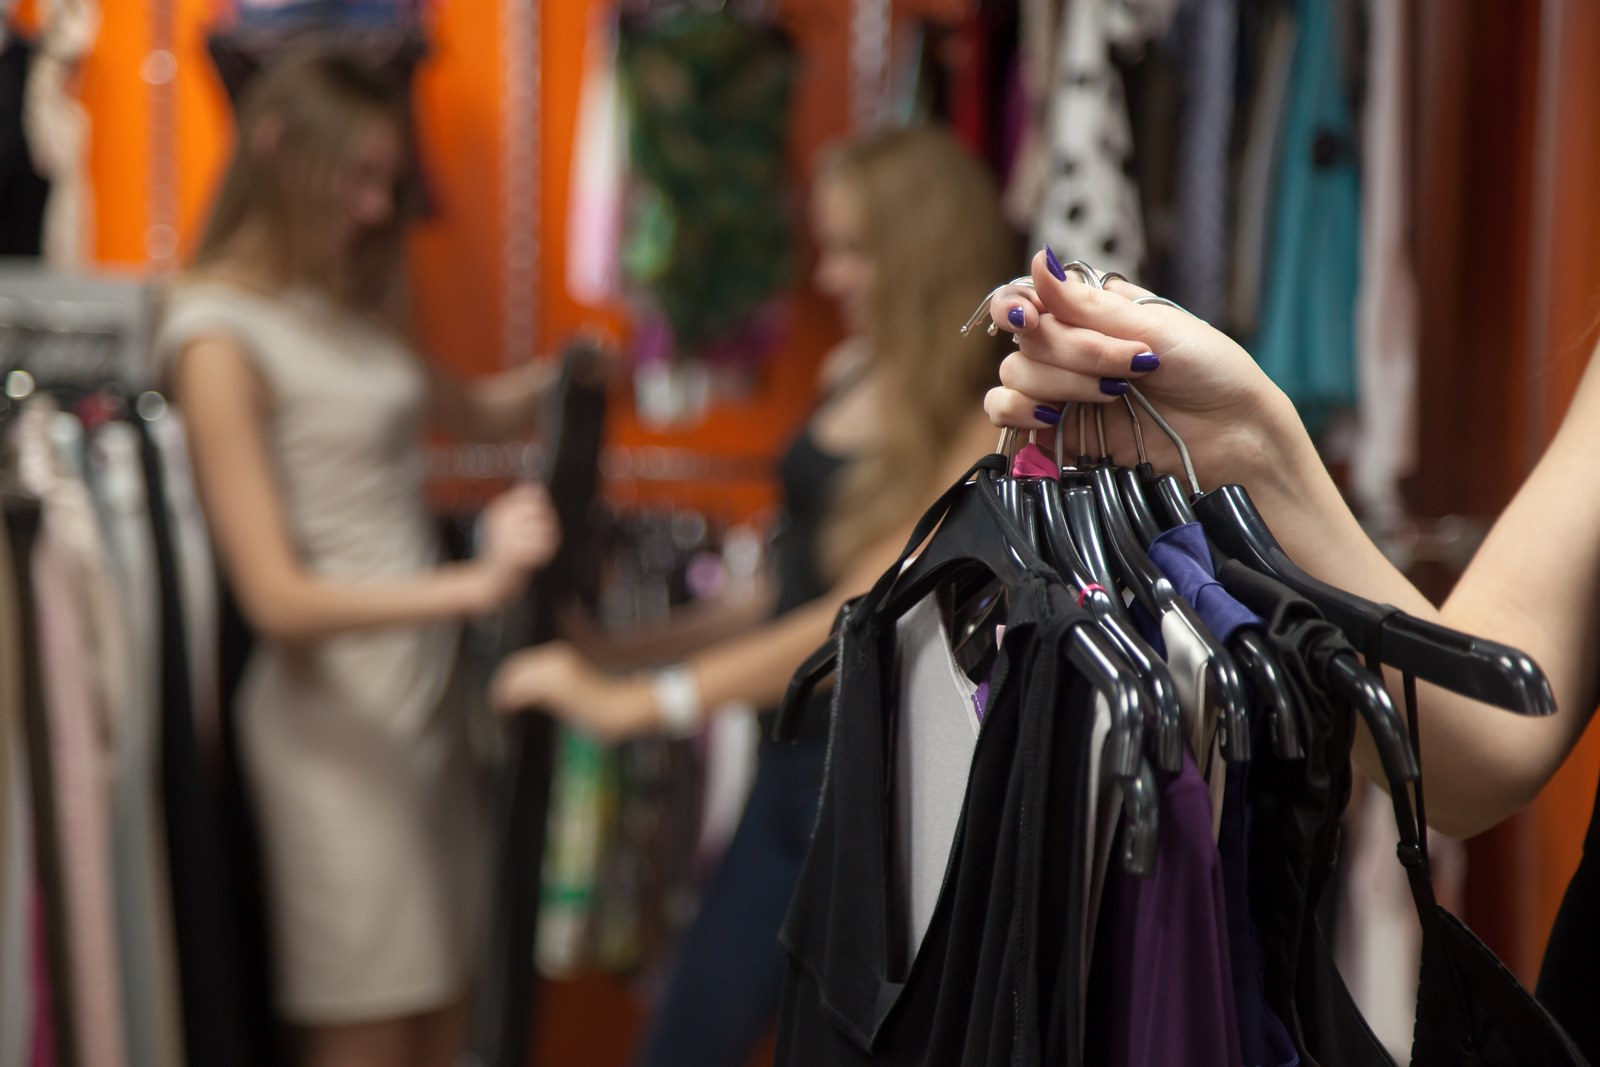 Jak wygląda praca w sieciówce odzieżowej, jak wygląda praca w sklepie, praca sprzedawcy w sieciówce odzieżowej, plusy i minusy pracy w sklepie odzieżowym, praca w sieciówce, sieciówka odzieżowa, sklep z ubraniami, jakie są obowiązki sprzedawcy, obowiązki sprzedawcy w sieciówce odzieżowej, kariera w sklepie odzieżowym, kariera w handlu, visual merchandiser, kierownik, zastępca kierownika, dekorator, sprzedawca, kasjer, ekspedient